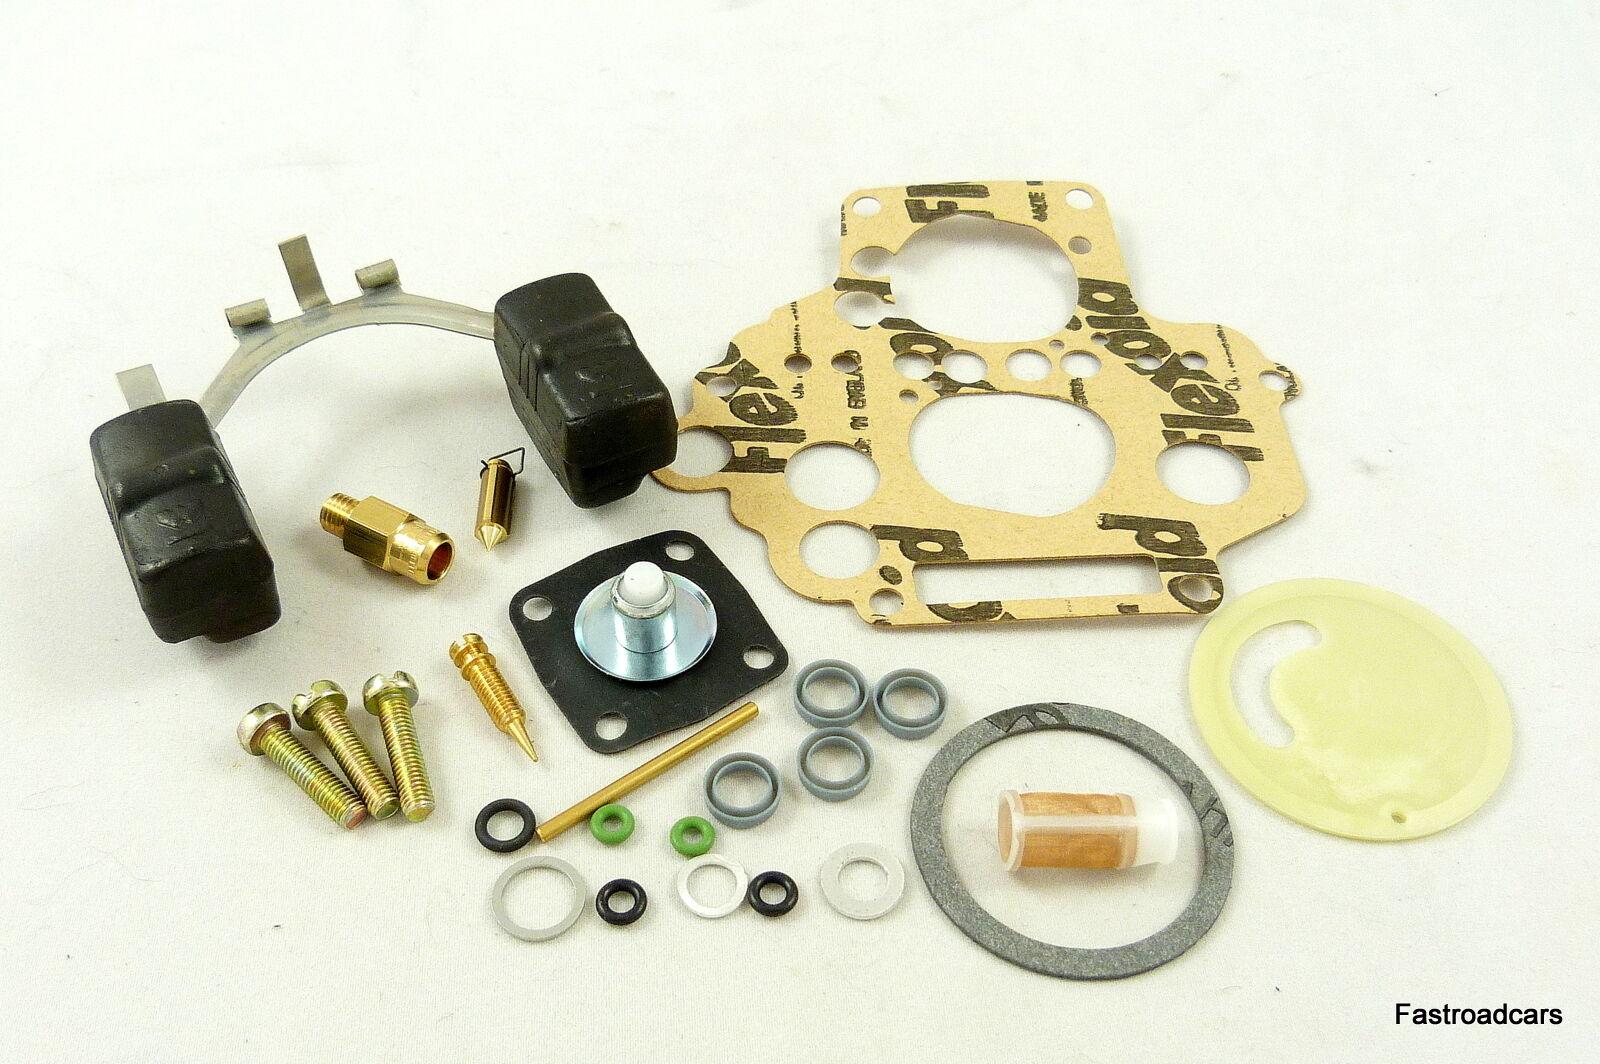 Weber 34 DATR Carb//carburatore Kit di ricambio FIAT x1//9 1498cc e altri FIAT//LANCIA